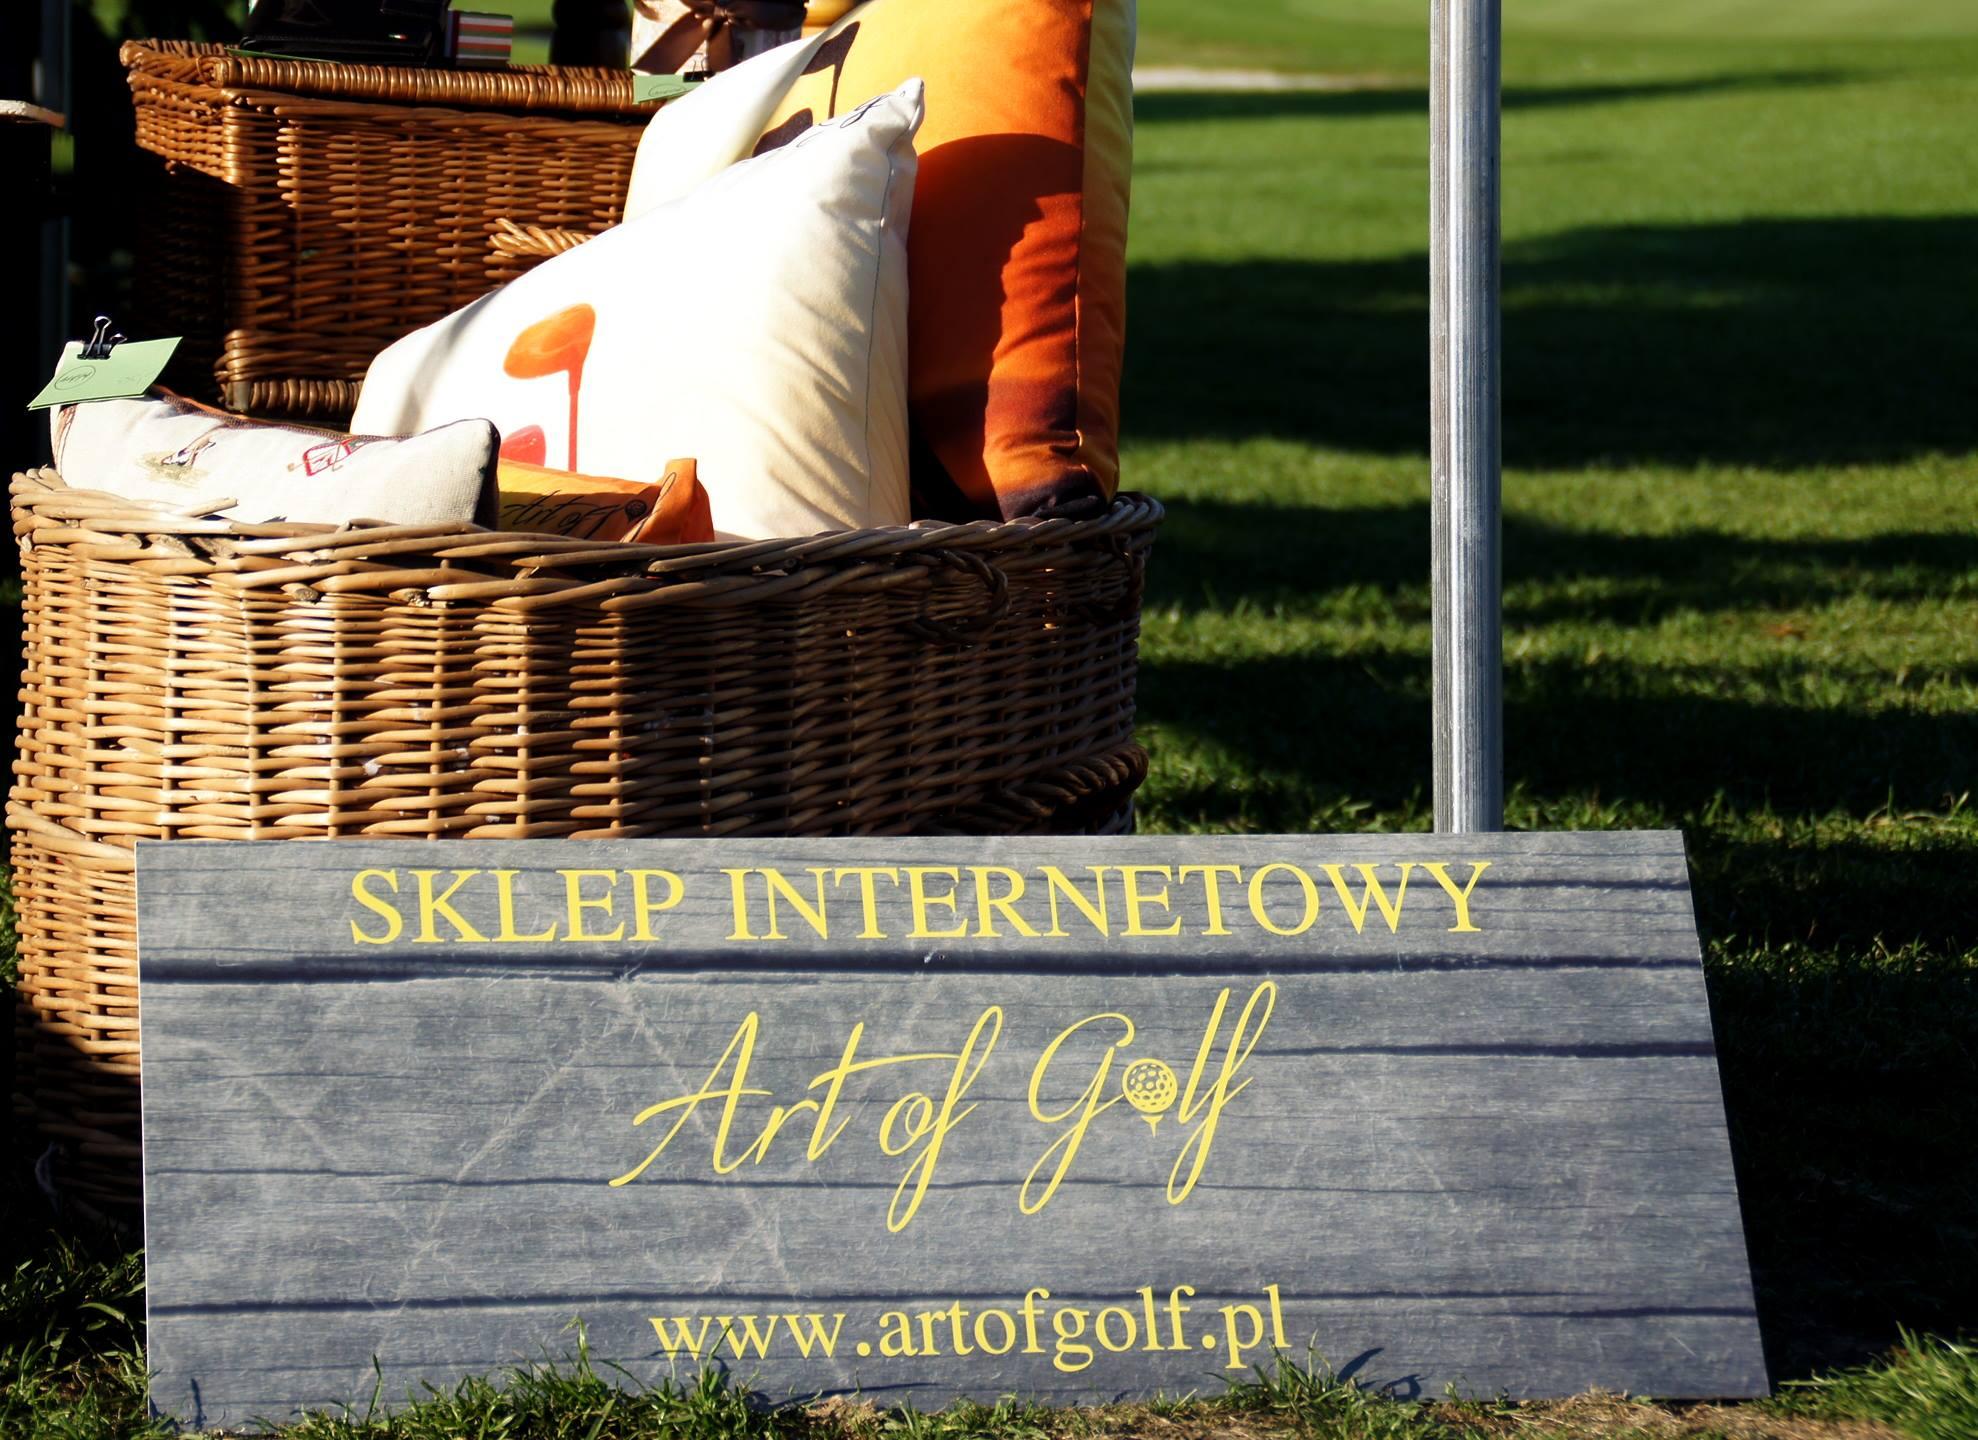 Art of Golf, produkty dla golfistów